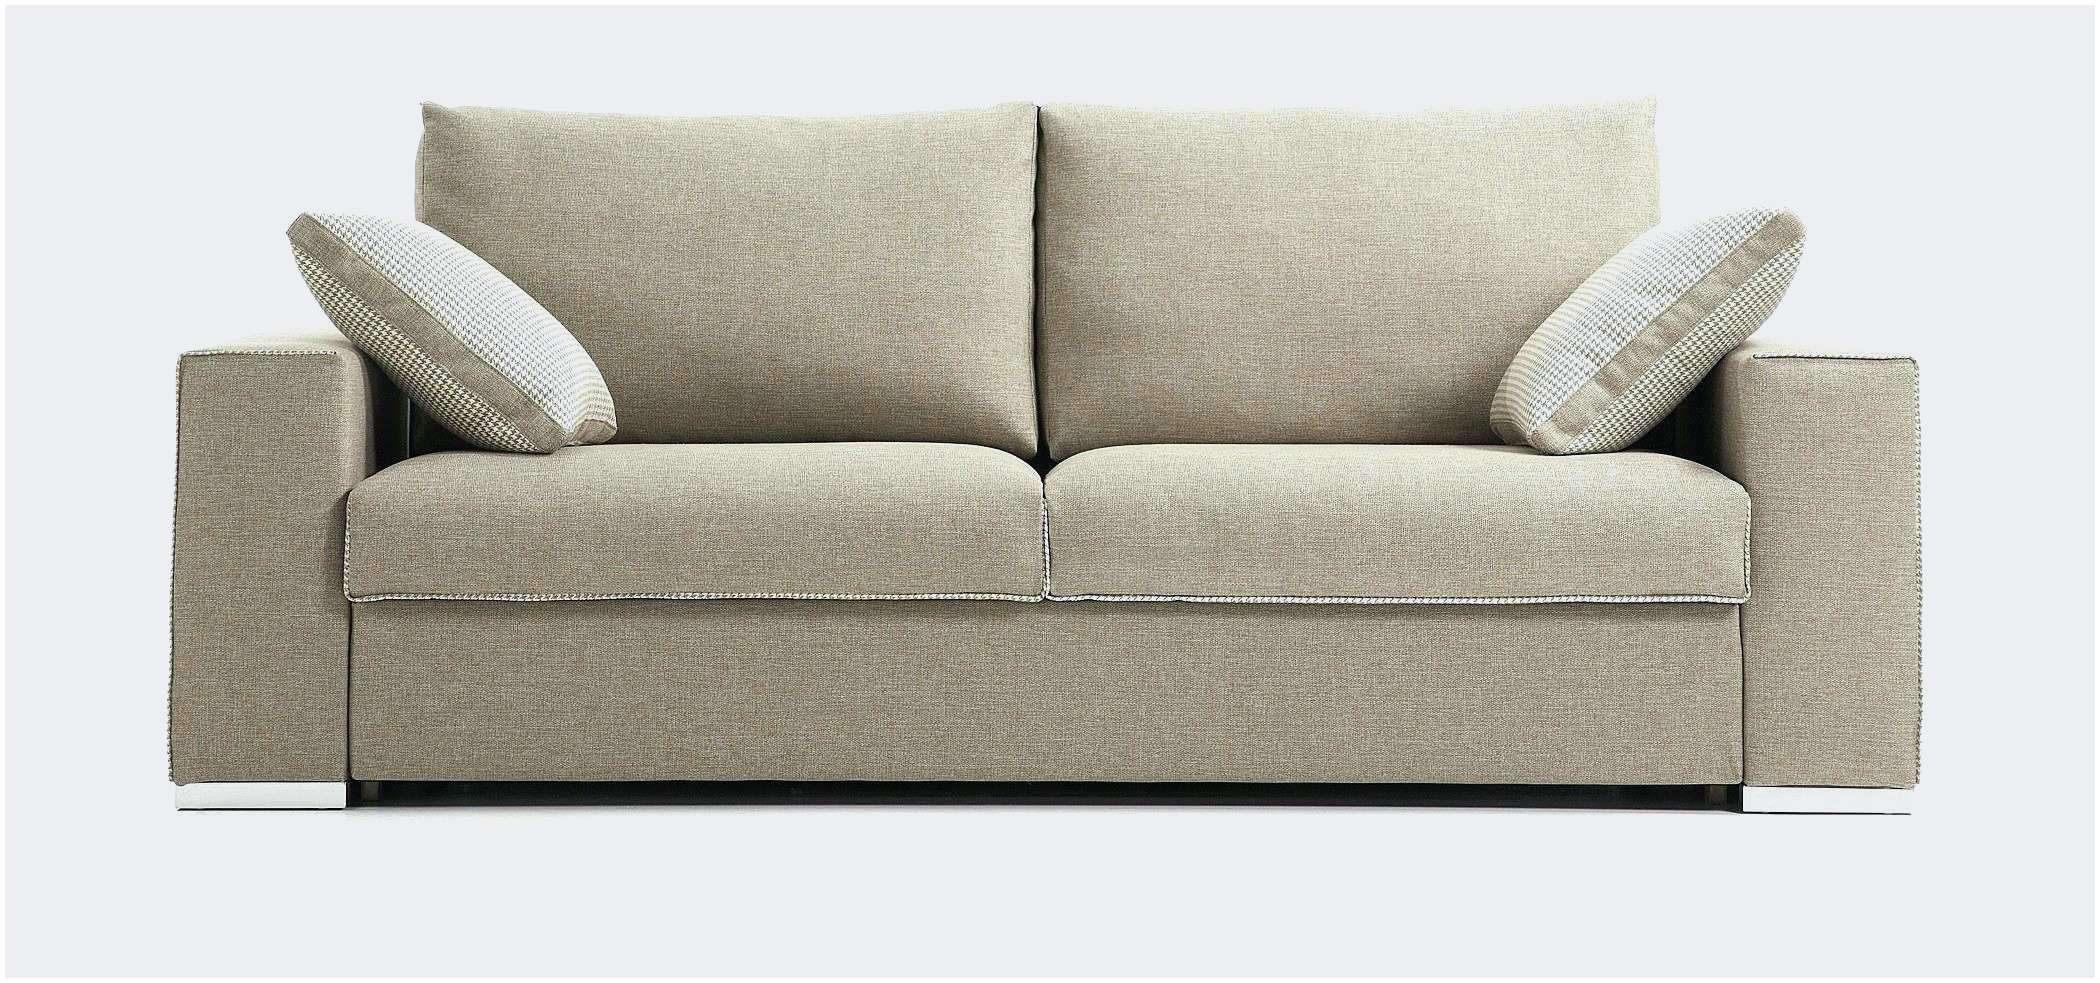 Canapé Lit Couchage Quotidien Ikea Belle Nouveau Canapé Convertible Couchage Quoti N Beau 22 Best Canape Lit